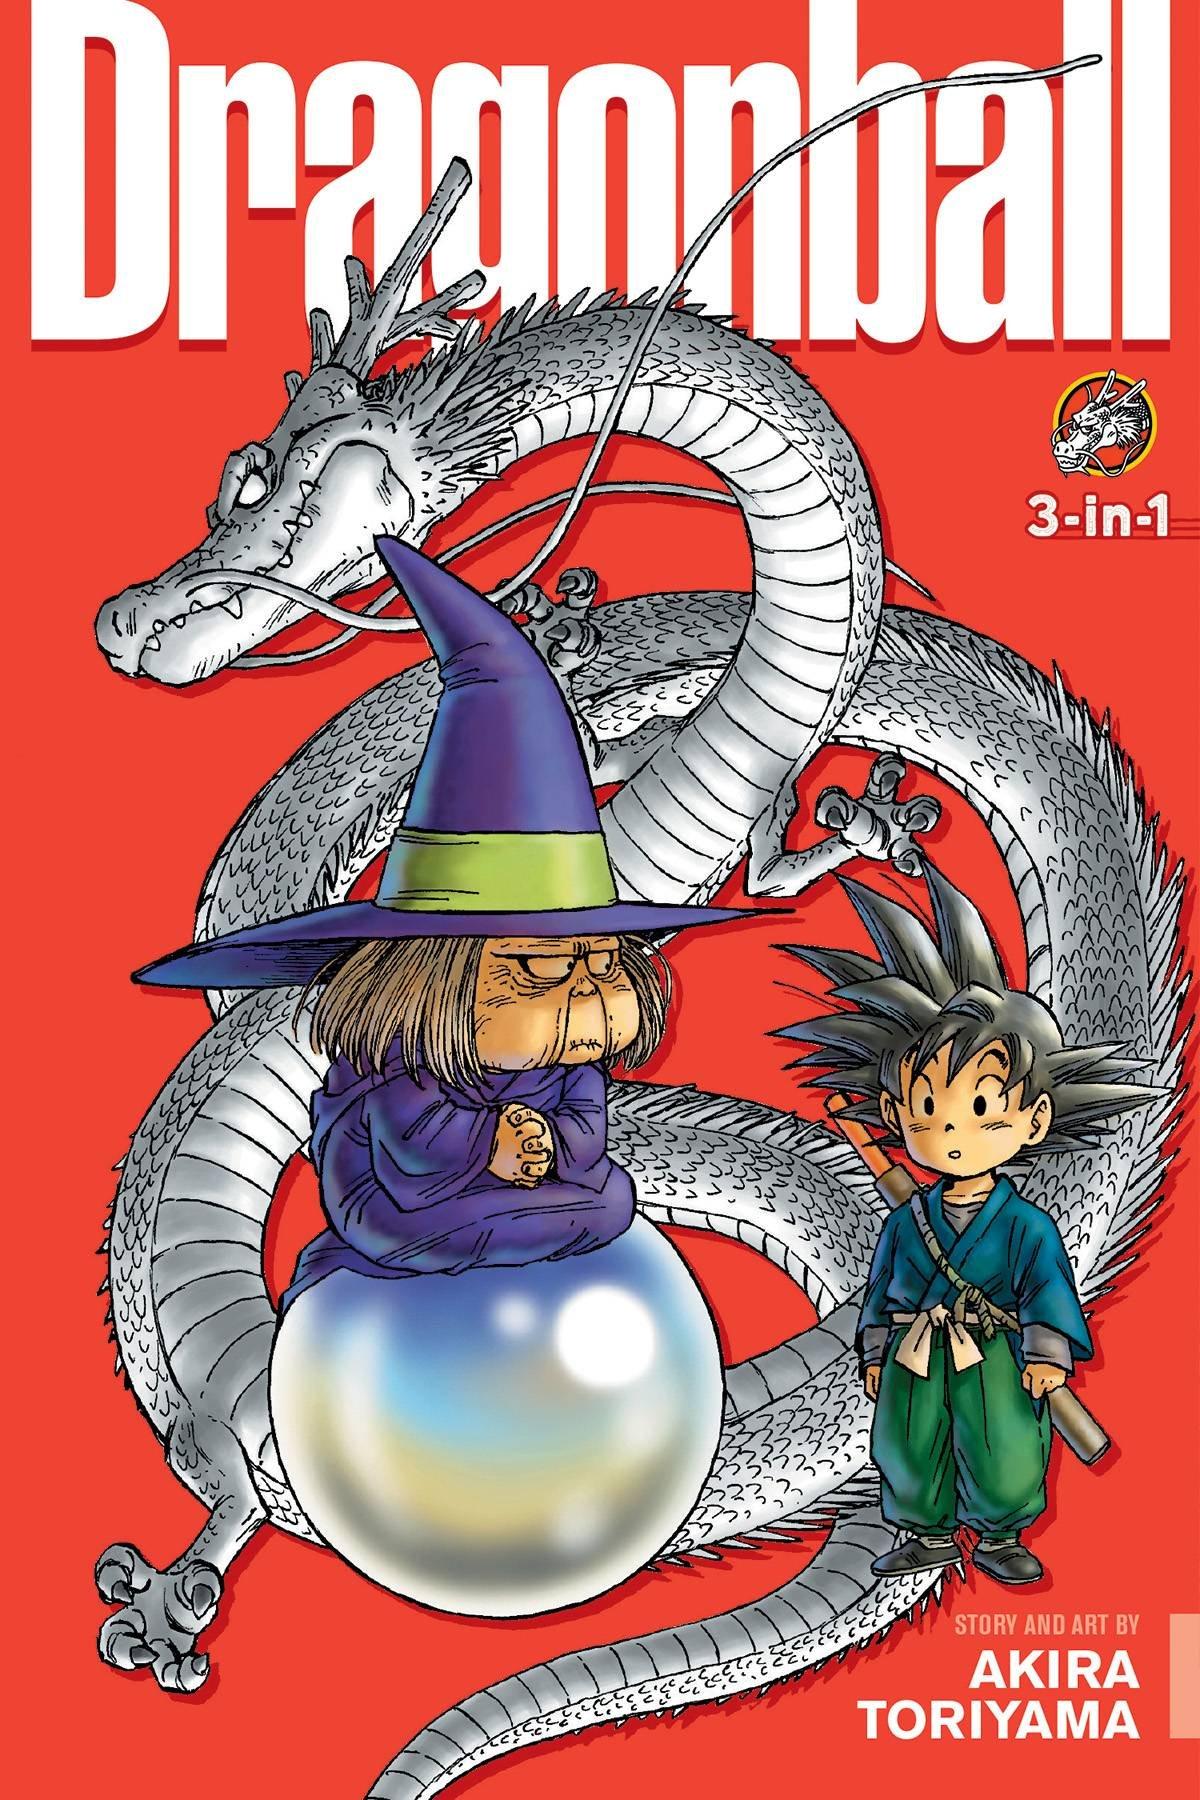 Dragon Ball 3 1 Vol product image